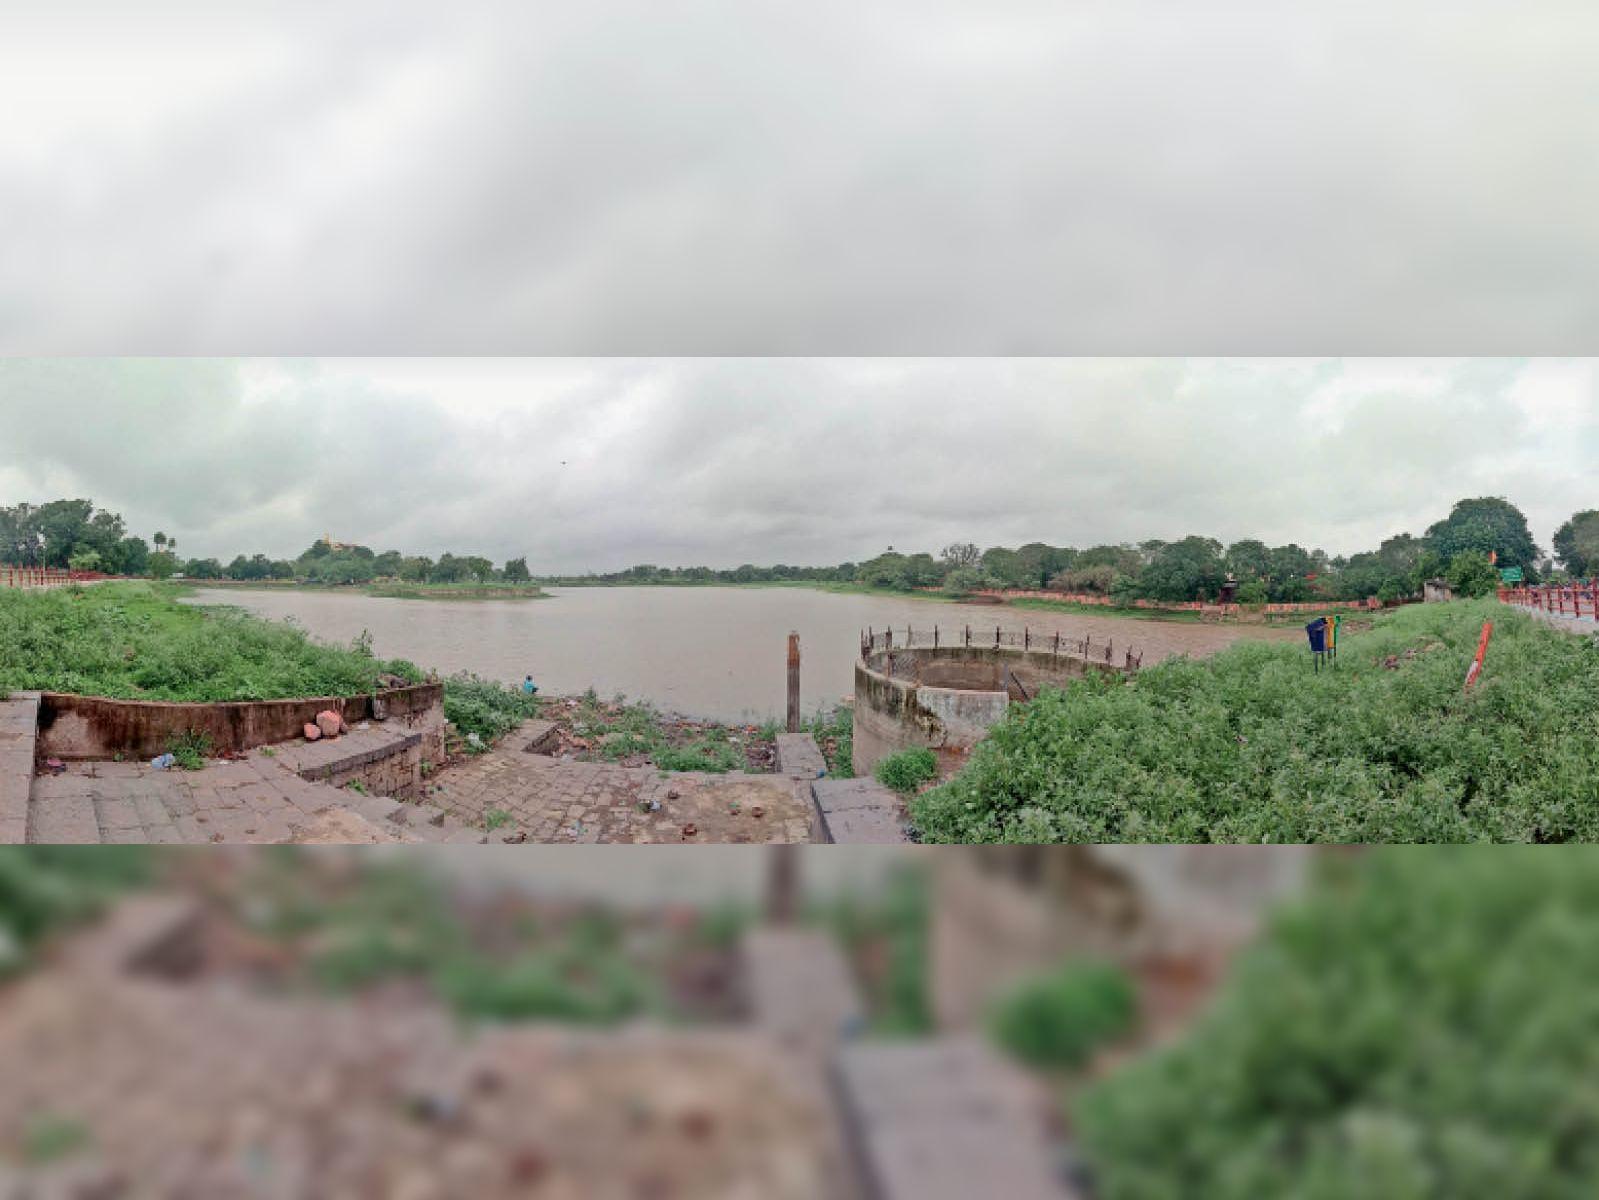 शहर के देवीसागर तालाब में पानी की आवक नहीं हाेने से घाट व किनारे दिखने लगे। - Dainik Bhaskar